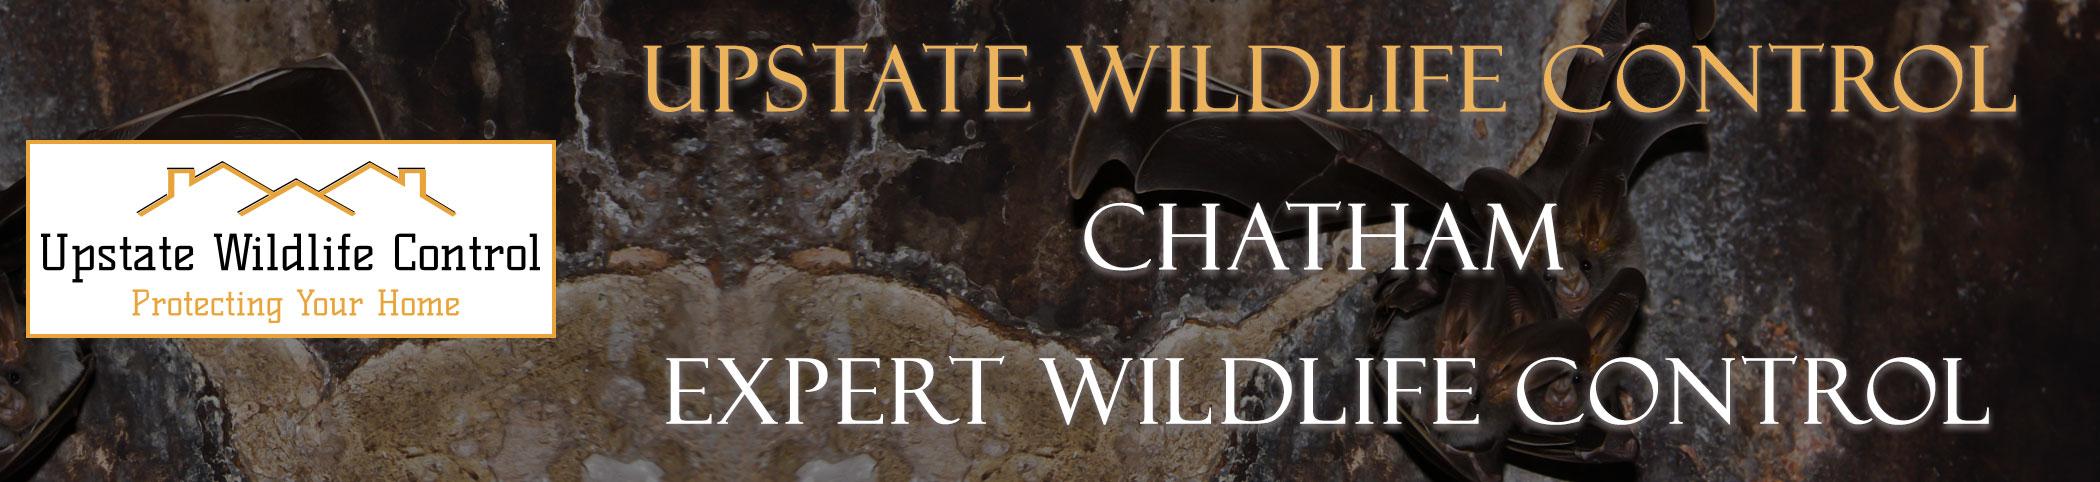 Upstate-Wildlife-Control-chatham-header